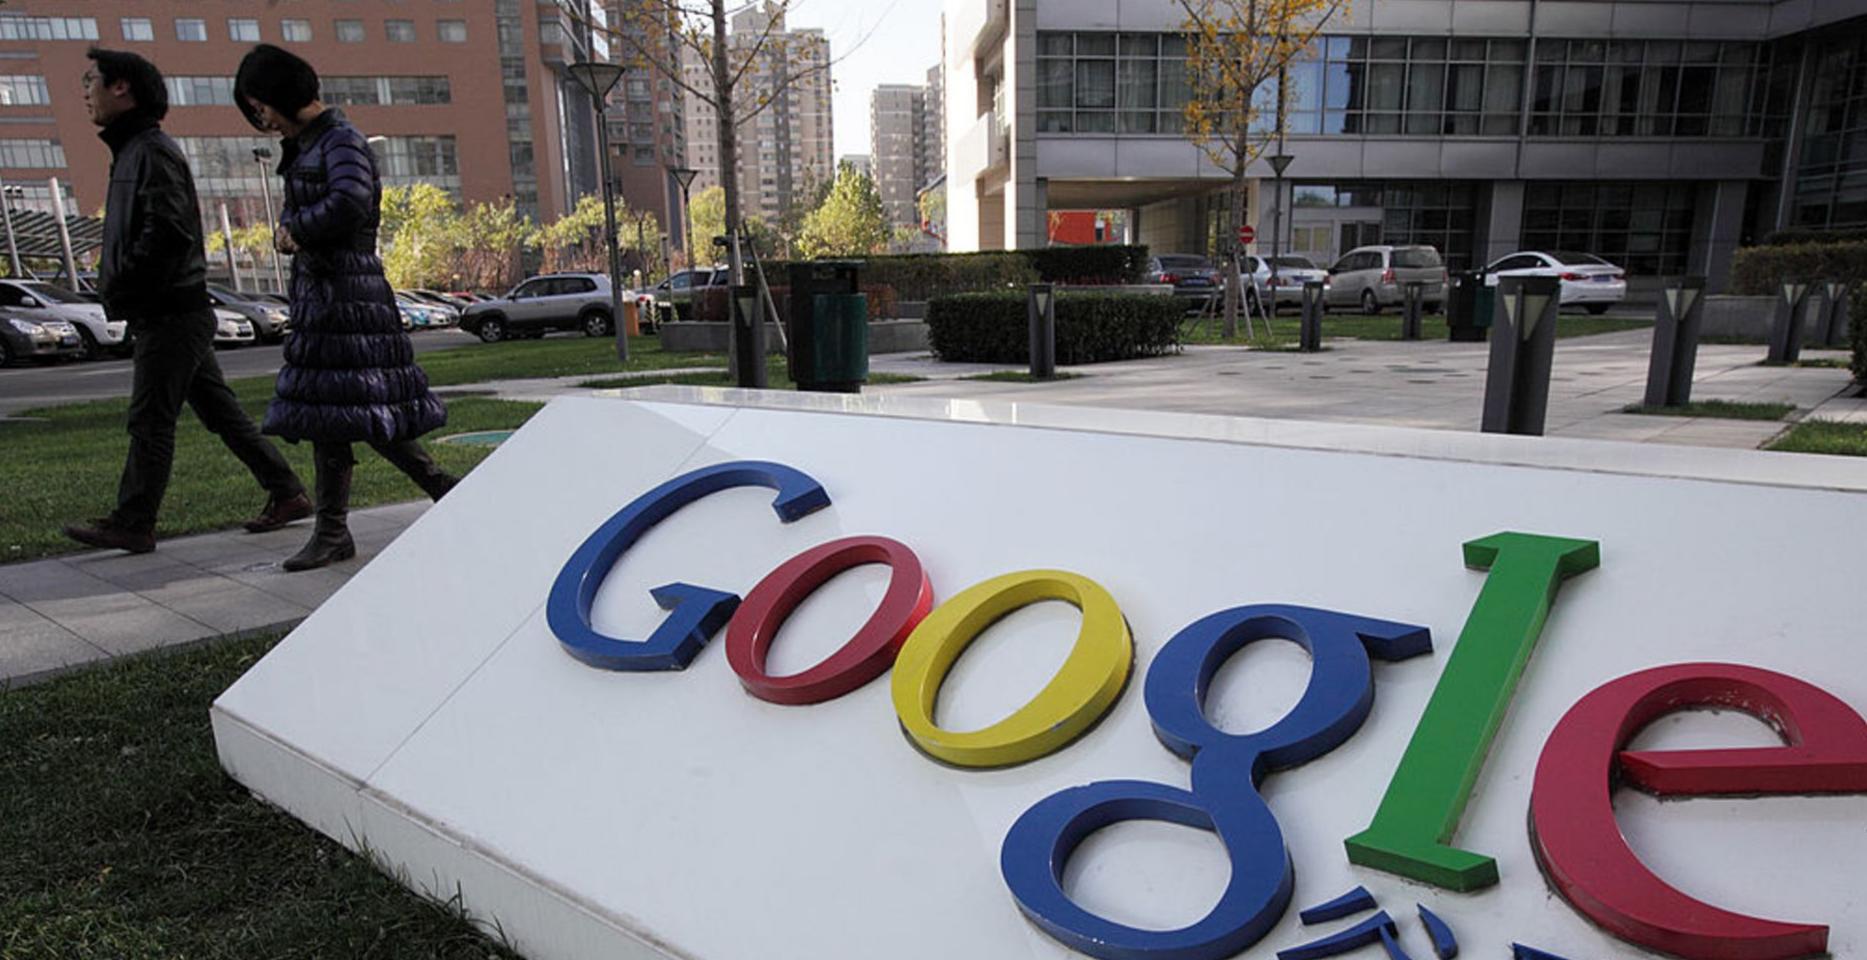 证券日报:谷歌或重返中国的报道不实